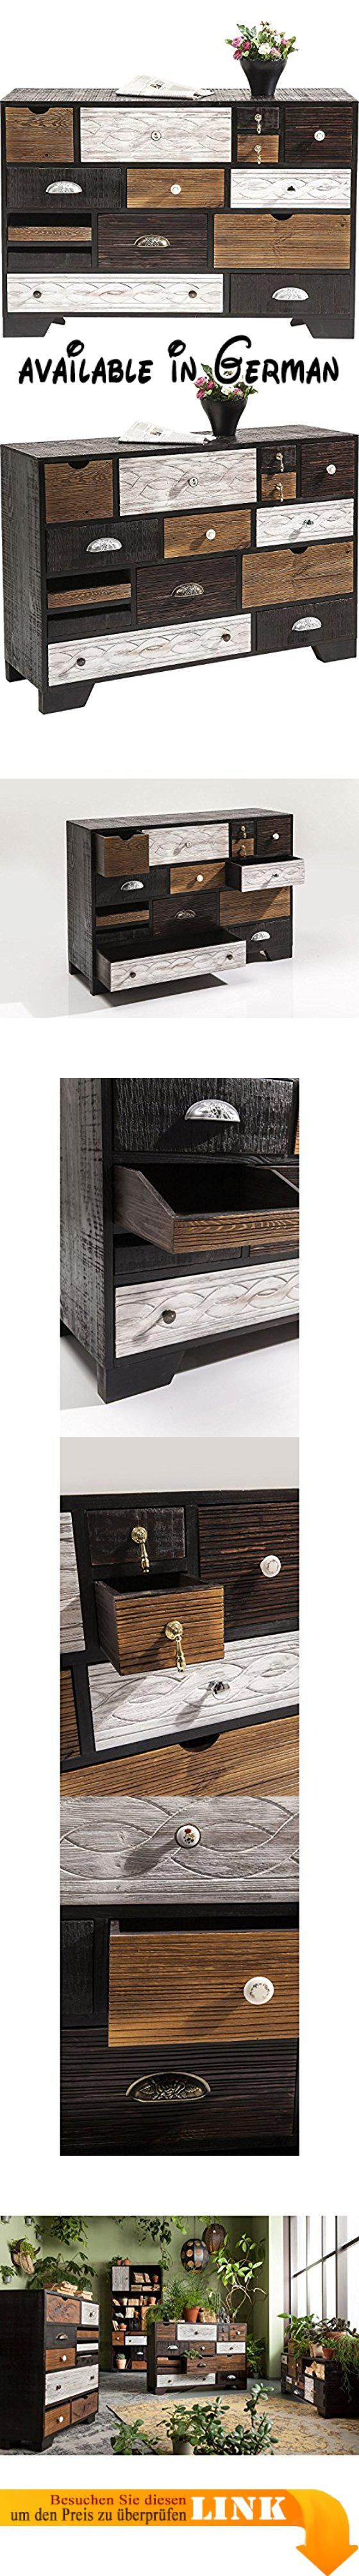 Kommode Schlafzimmer Braun Echtholz Begehbare Kleiderschranke